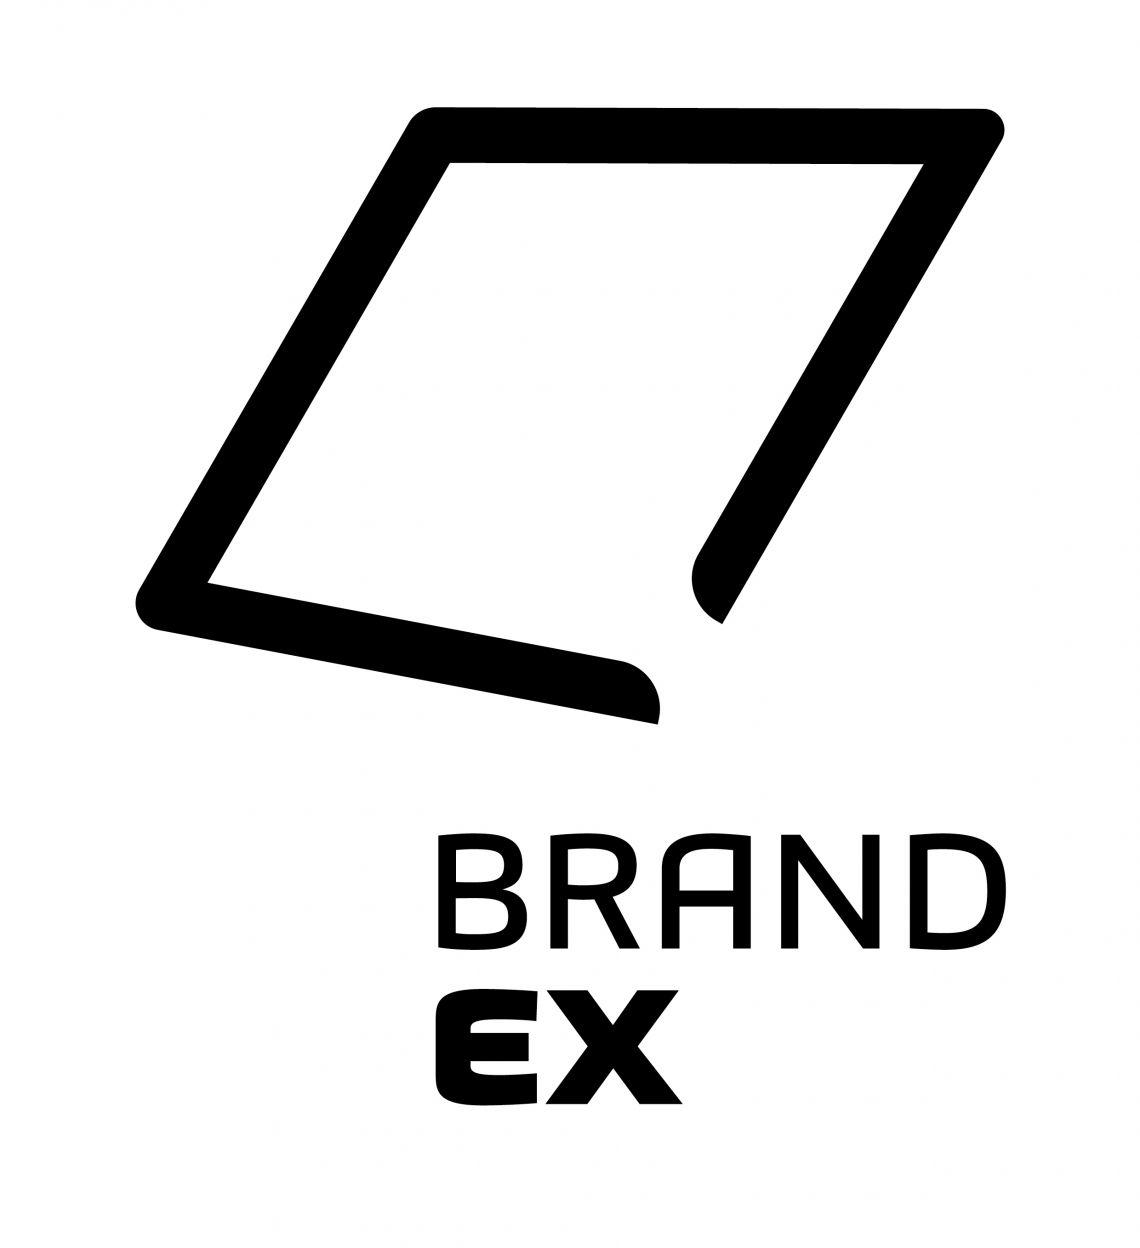 BrandEx Award startet am 1. August 2018